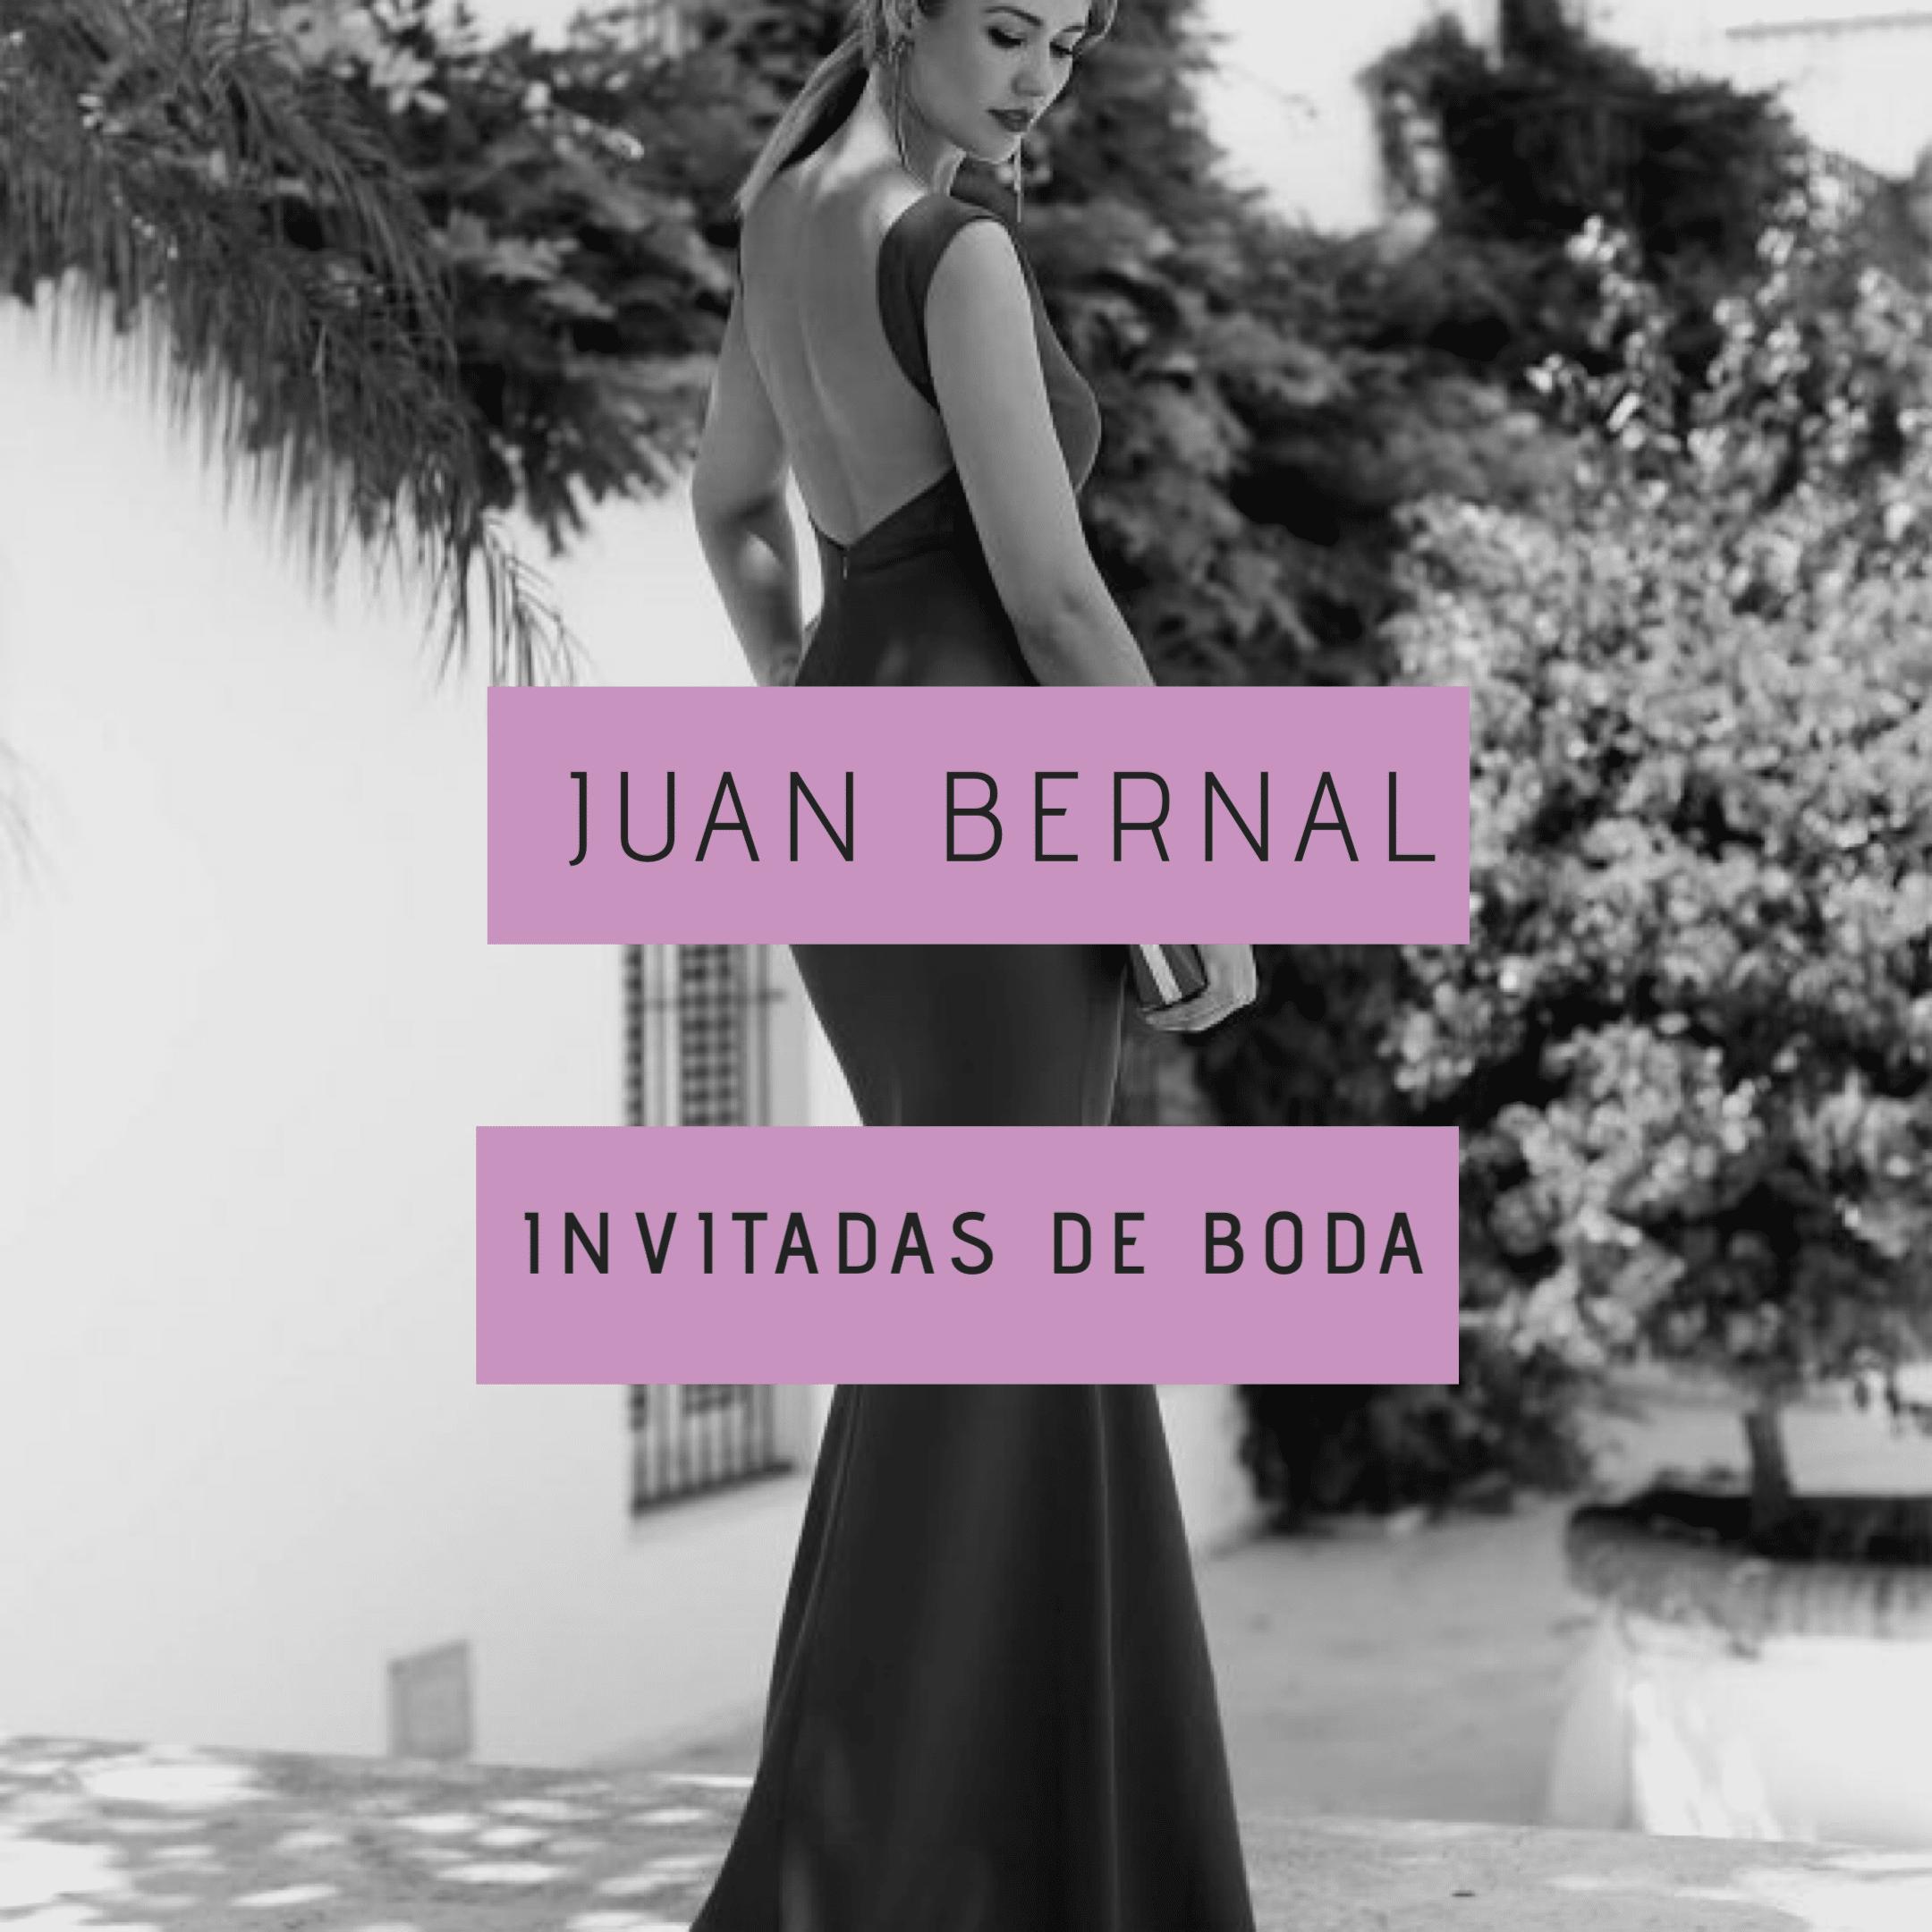 Juan Bernal – marca española  low cost para invitadas de boda-